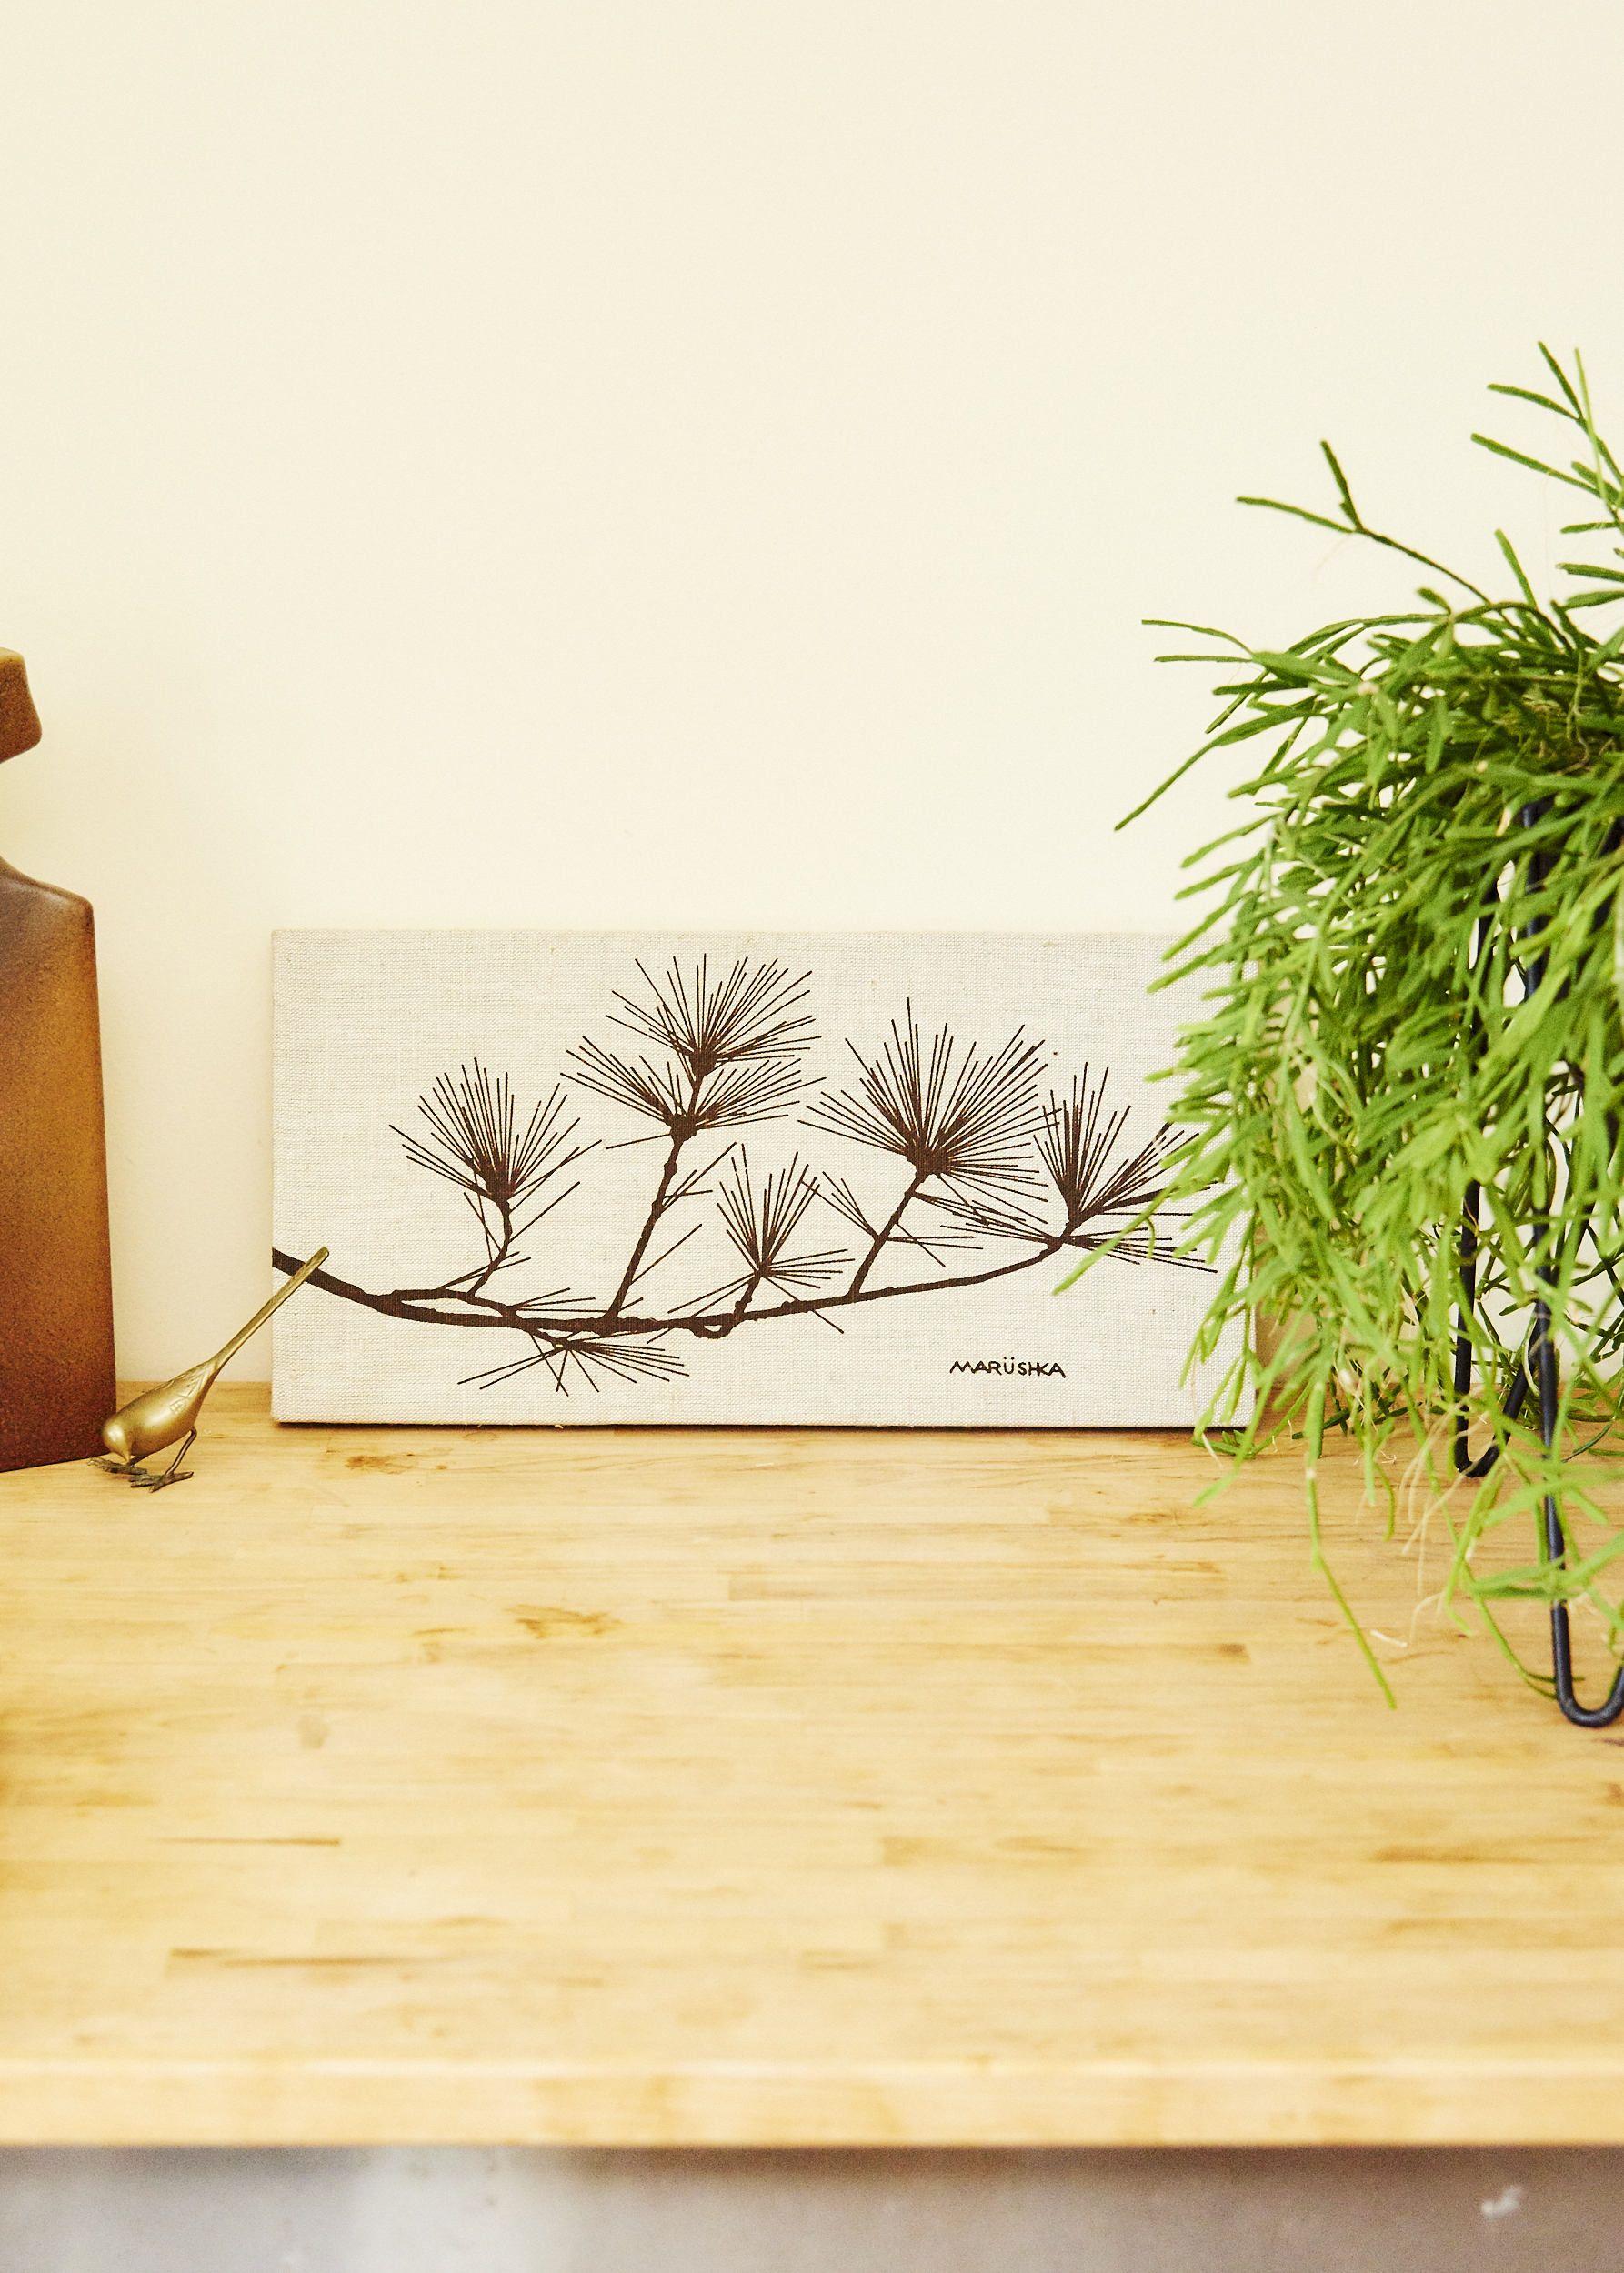 Marushka nature inspired textile art marushka nature print home